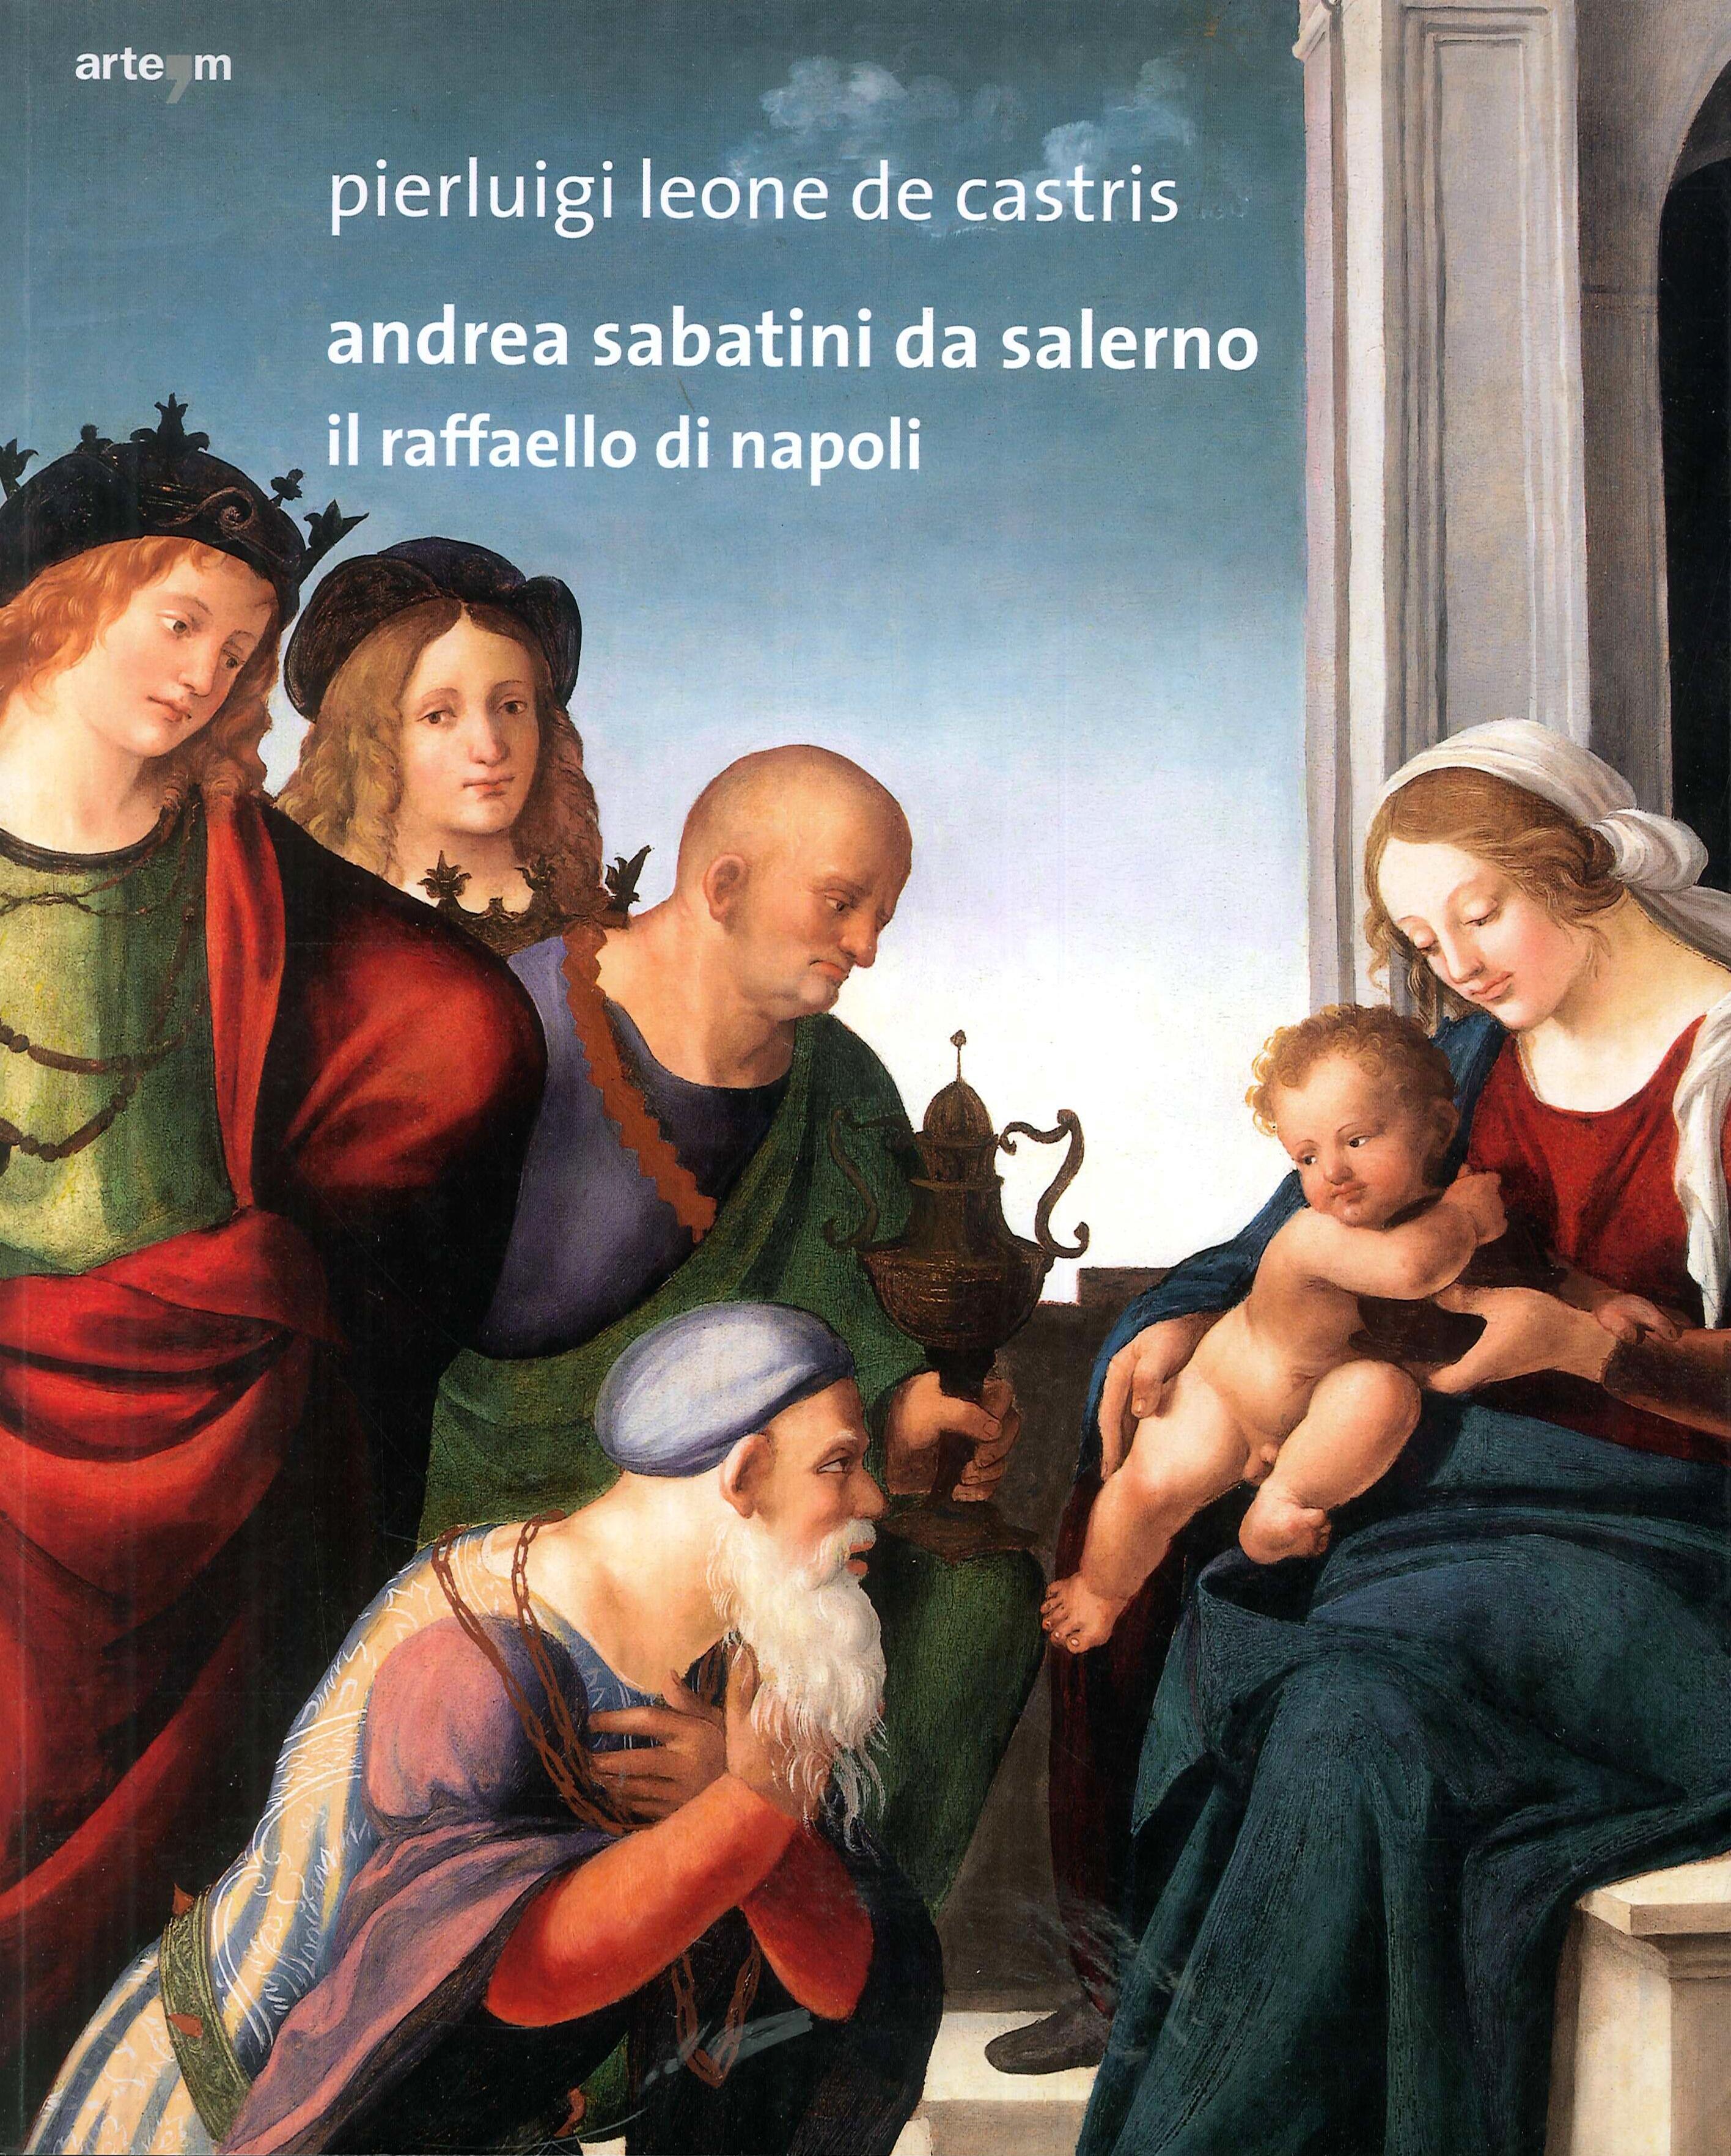 Andrea Sabatini Da Salerno. Il Raffaello di Napoli.